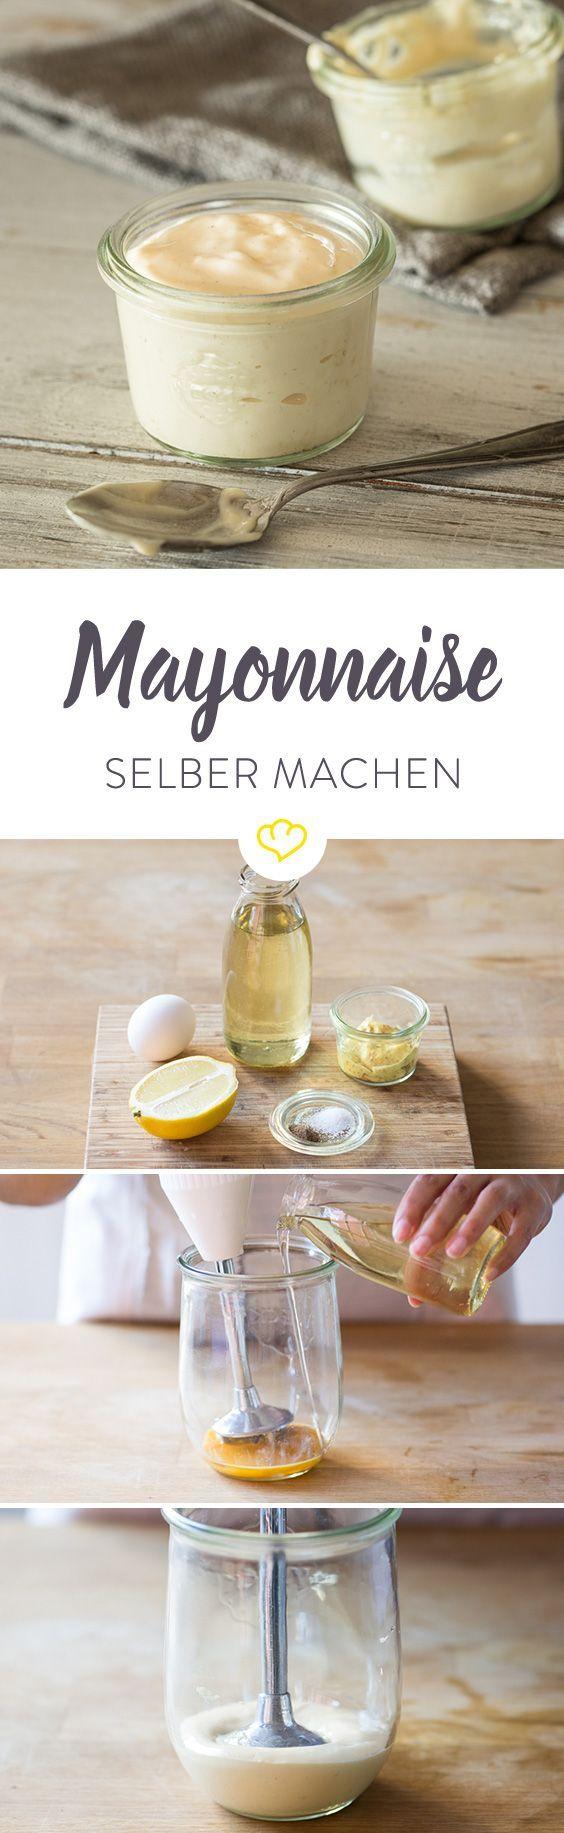 Sie macht sich gut im Kartoffelsalat, neben Süßkartoffelpommes oder den klassischen Fritten. Die Rede ist von Mayonnaise. Cremig, mild und blassgelb ist der Dip so vielseitig, dass er in (fast) keinem Kühlschrank fehlt.